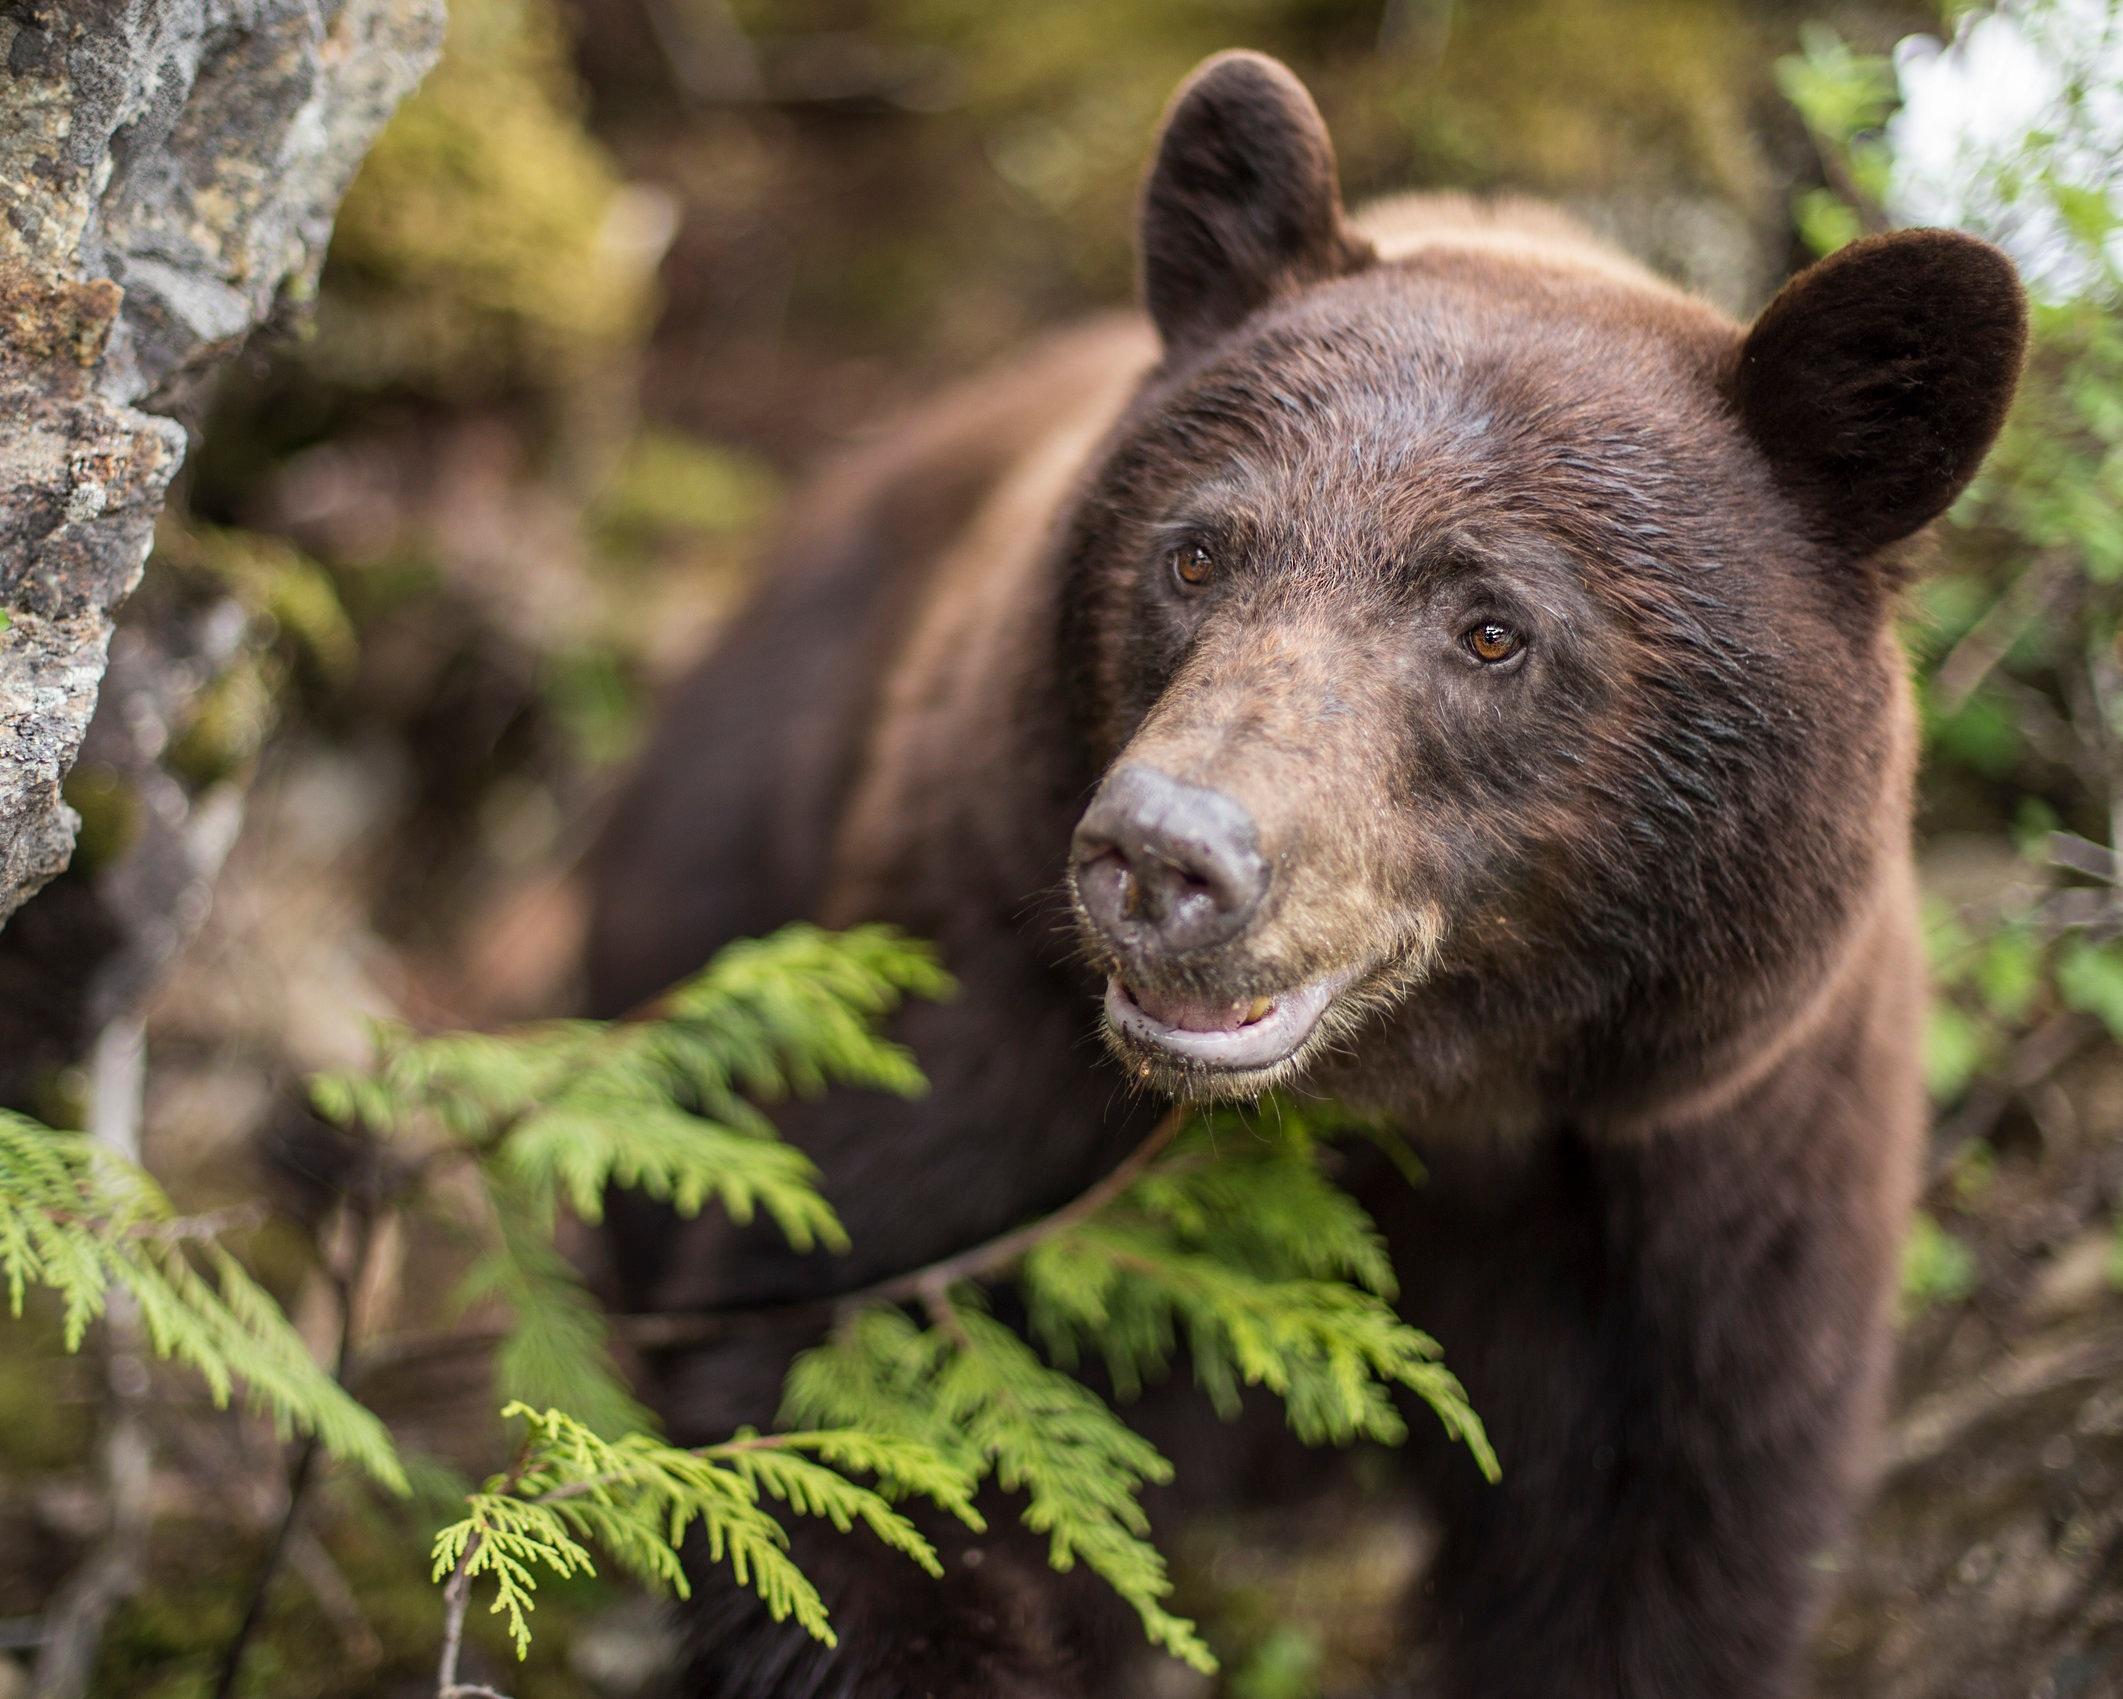 BearShallowDOF.jpg